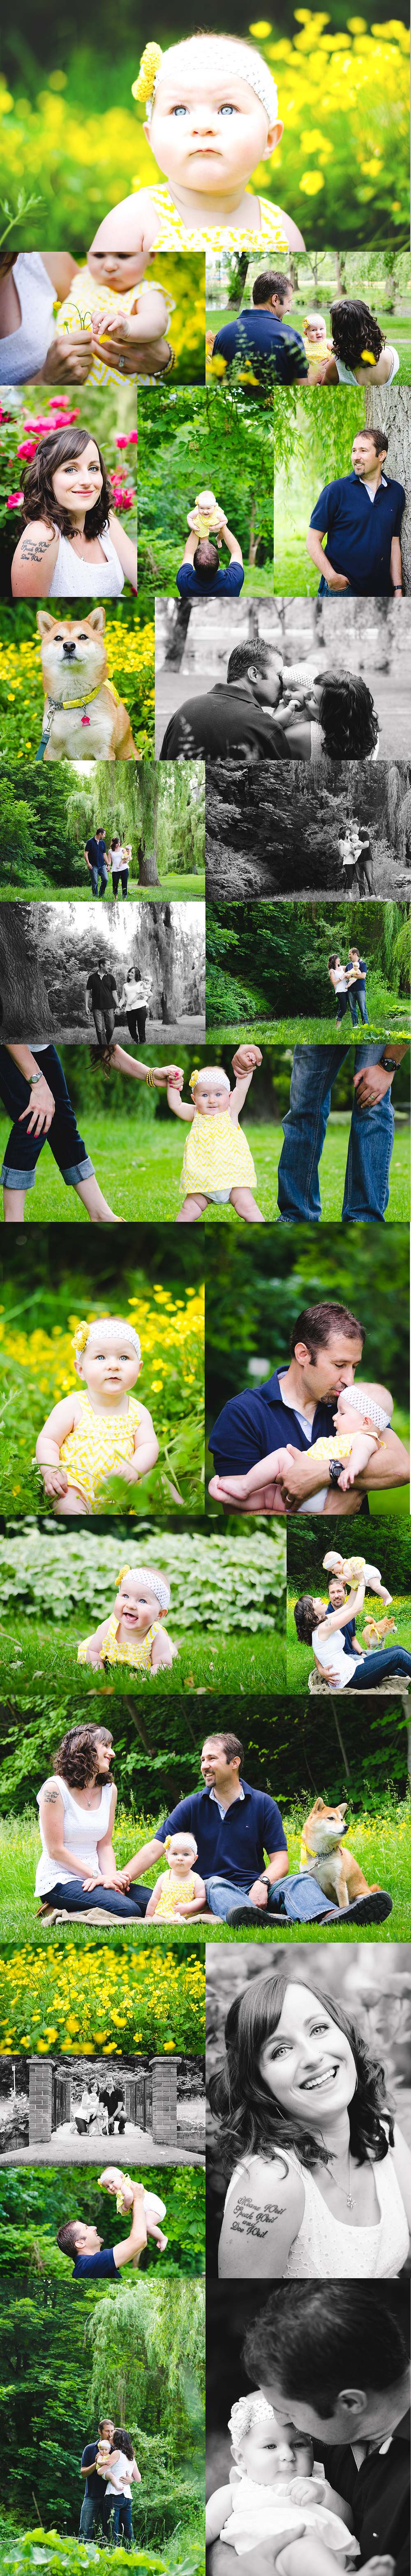 Garner Family.jpg